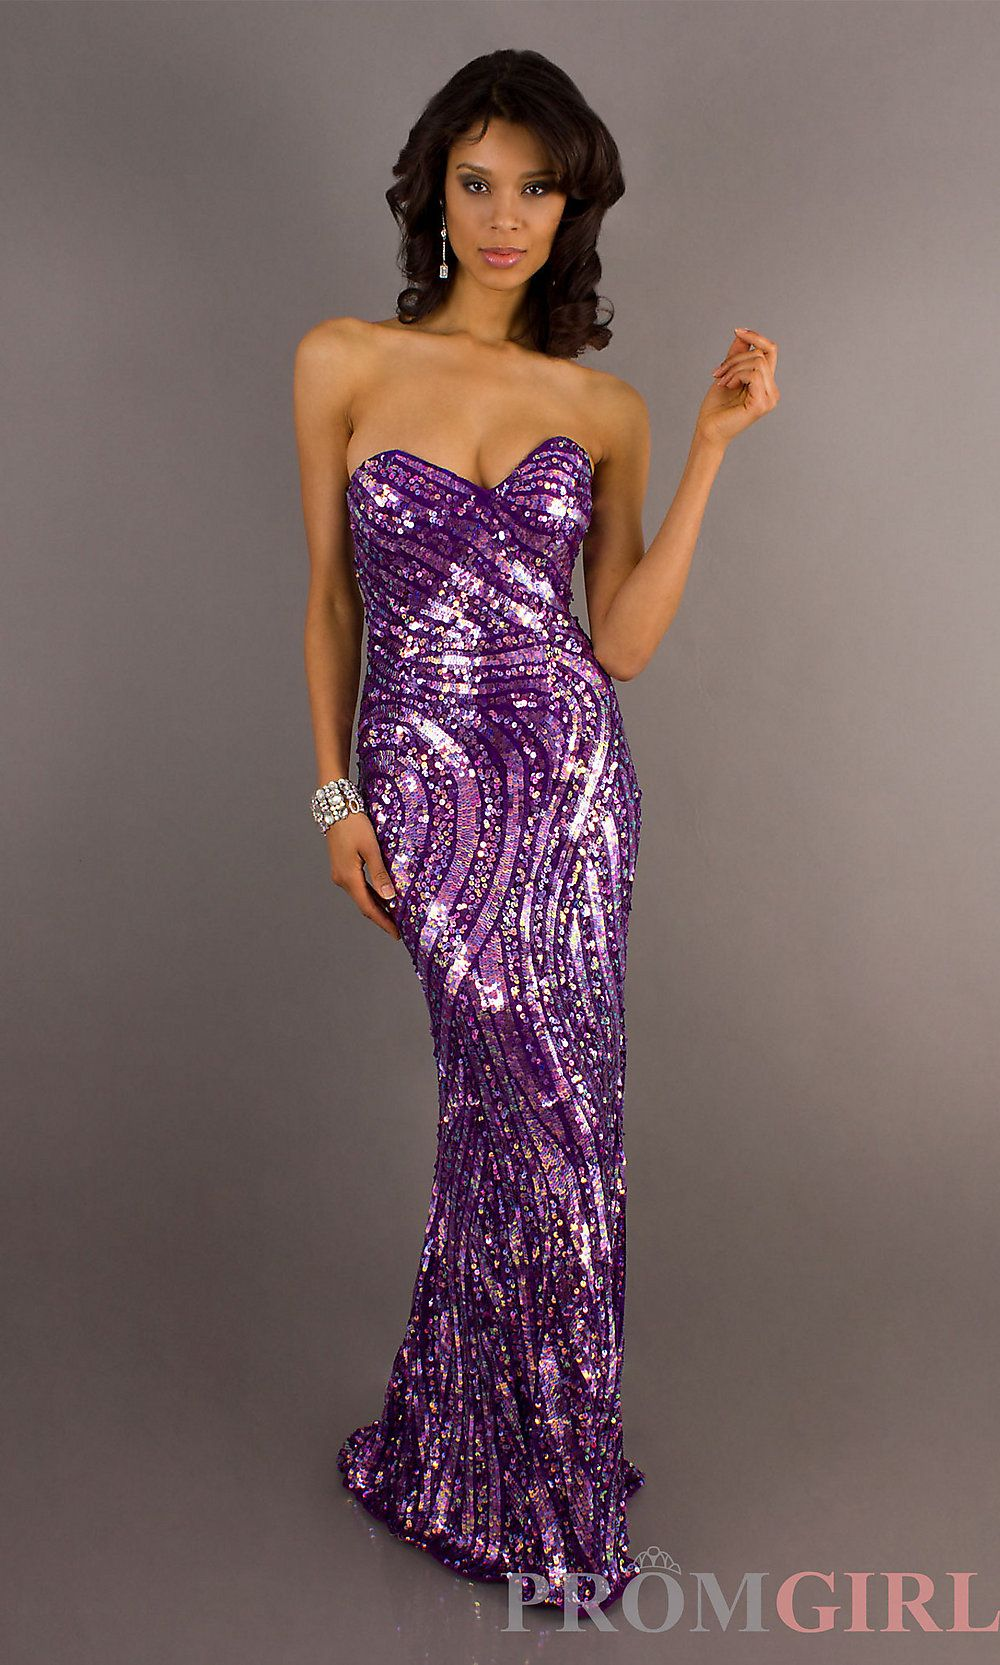 Purple prom dress dress me pinterest purple dress black prom